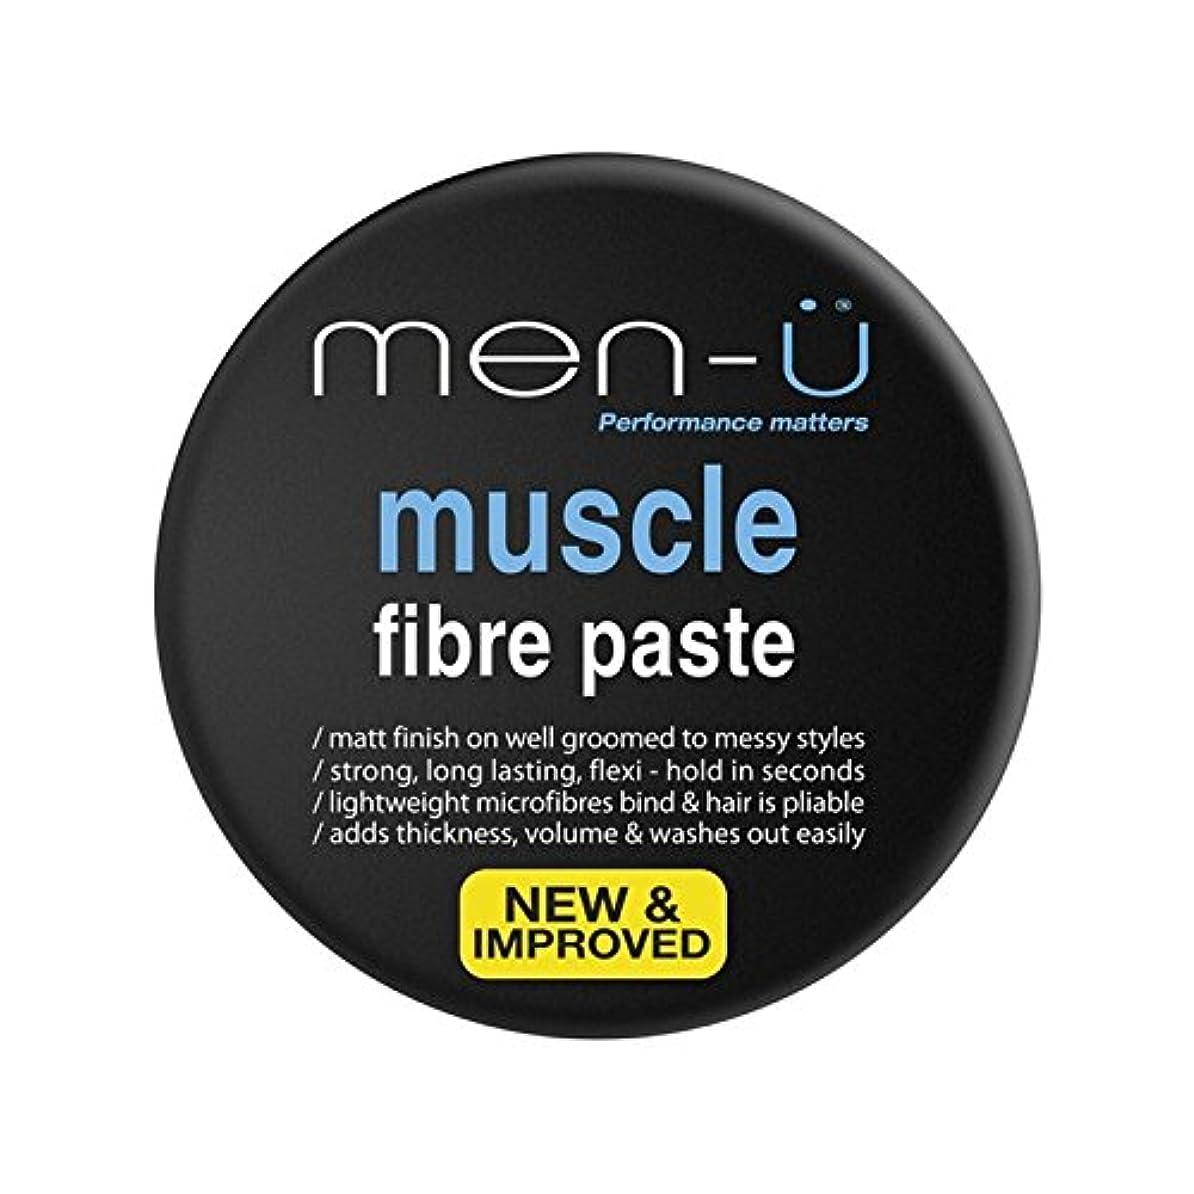 受動的確執驚いたことにMen-? Muscle Fibre Paste (100ml) (Pack of 6) - 男性-?筋線維ペースト(100ミリリットル) x6 [並行輸入品]